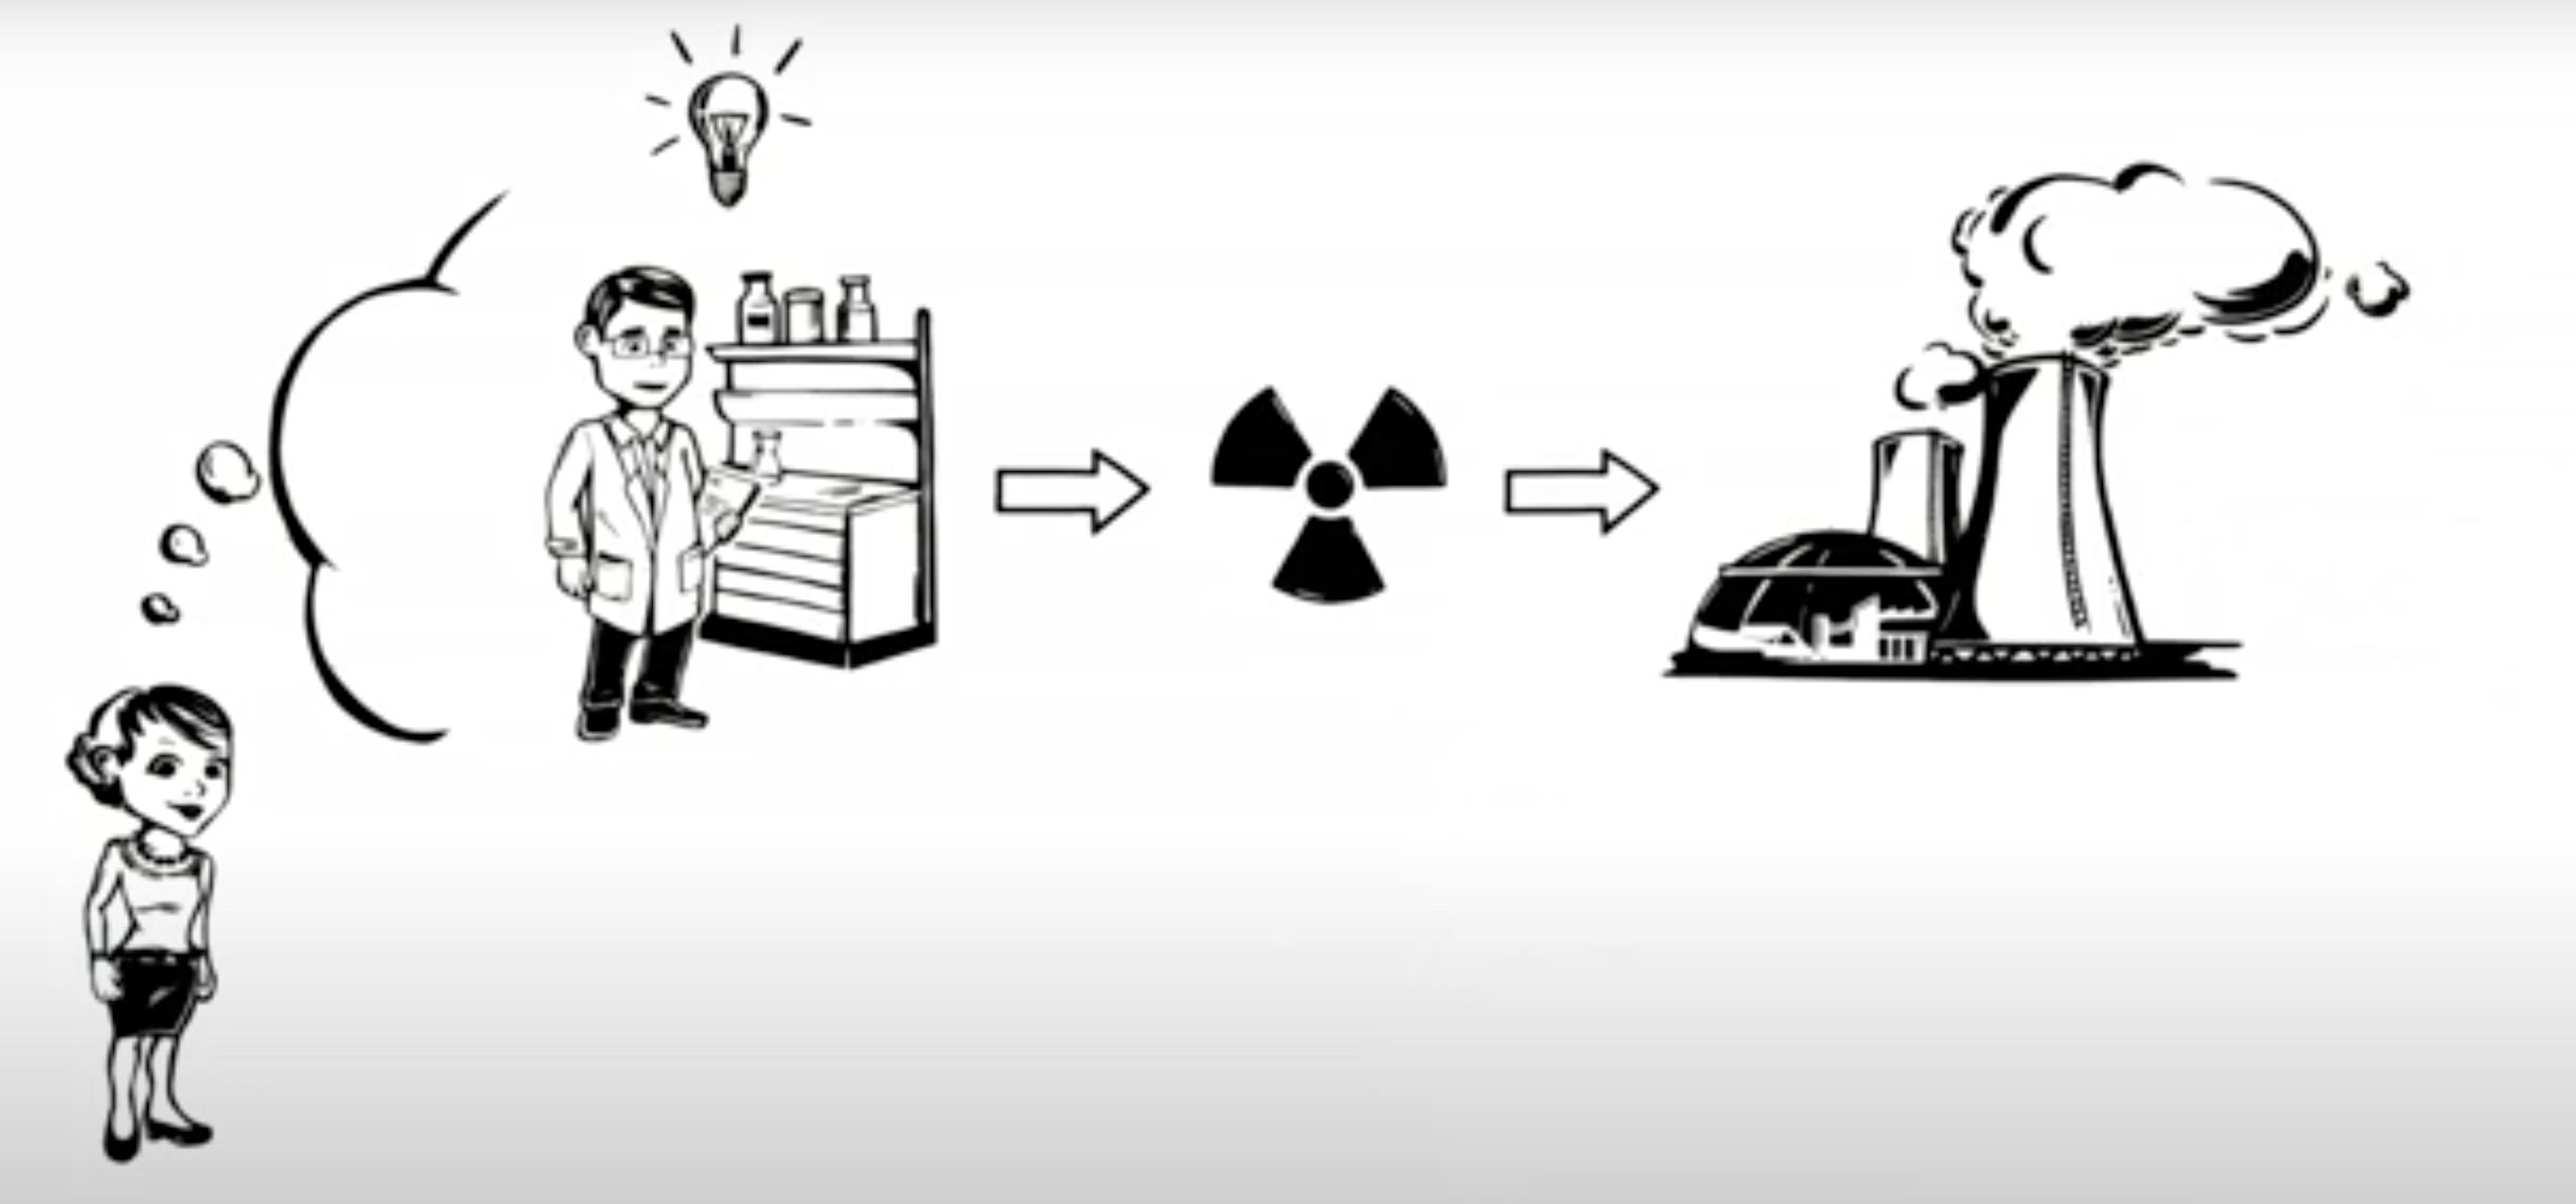 Eviter les idées reçues - déchets radioactifs (vidéo)